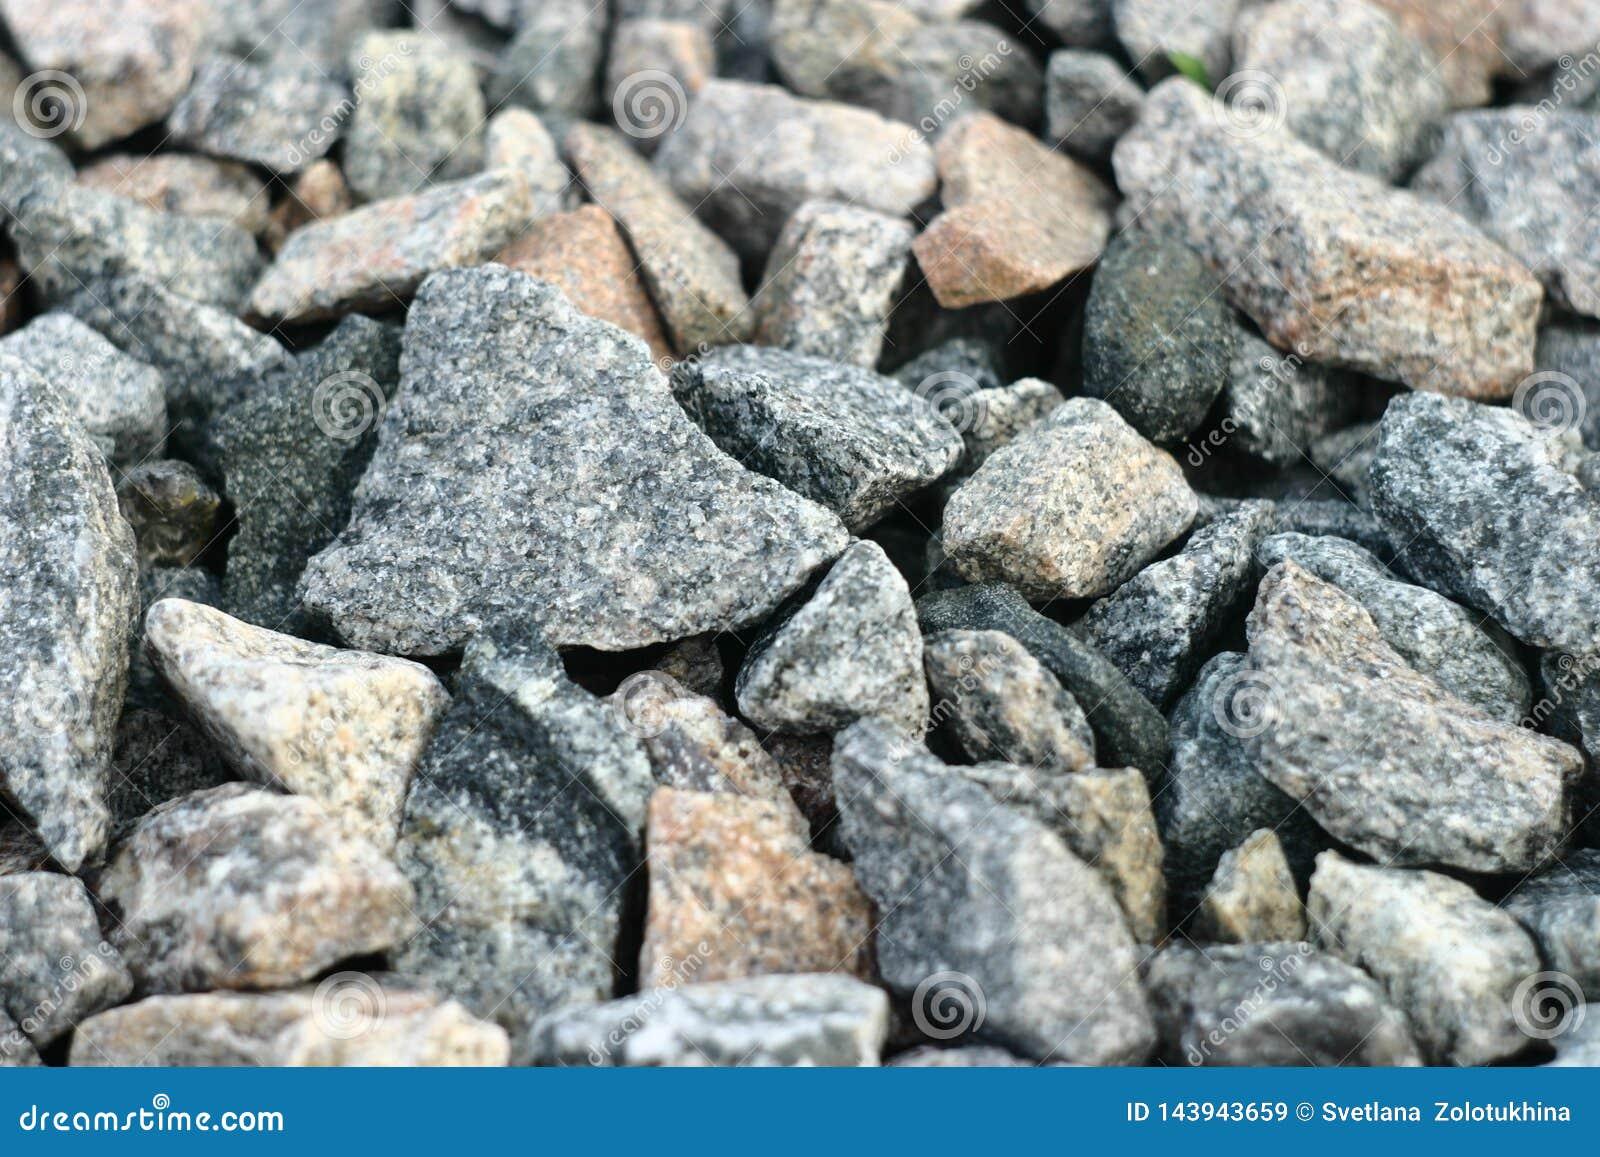 Granit zerquetschter Stein vom Felsen der granulierten Struktur